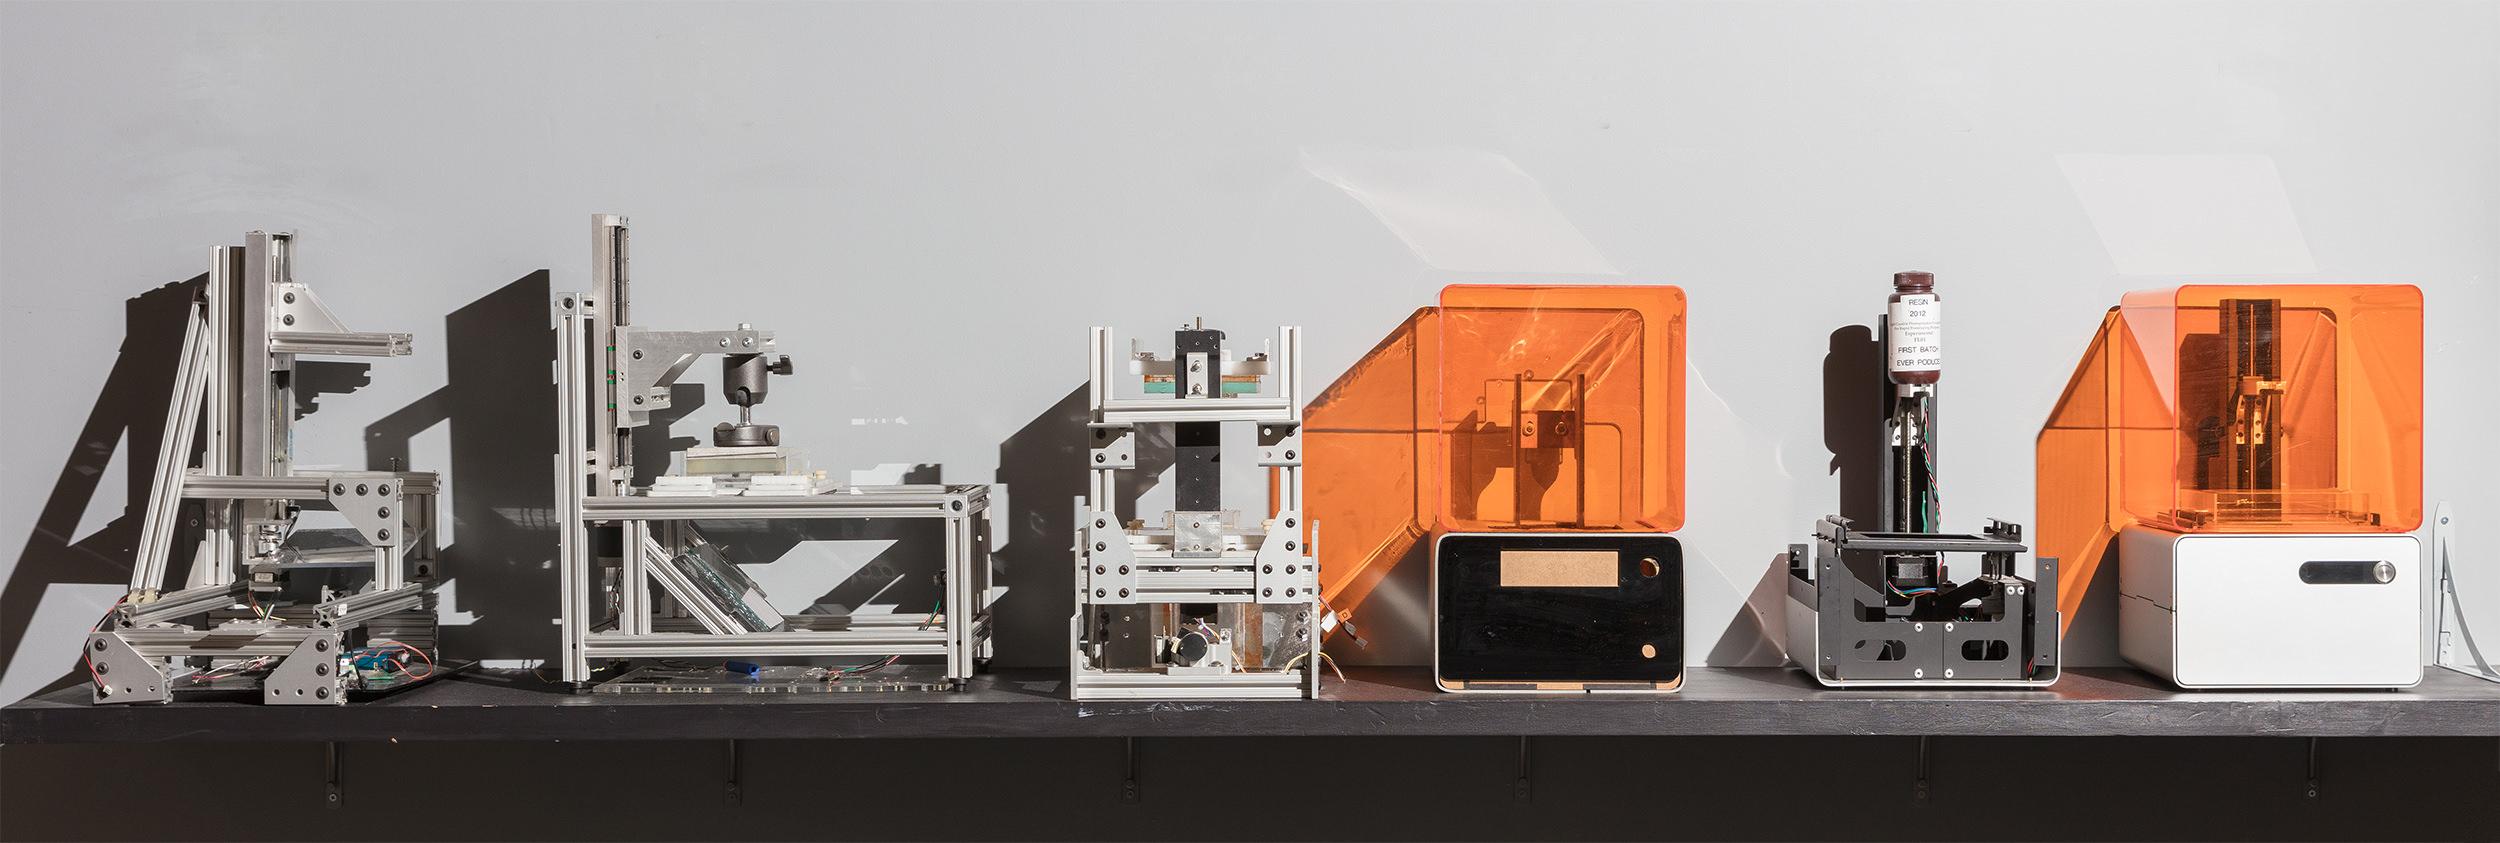 Prototypen des Form 1, des ersten Desktop-SLA-3D-Druckers.